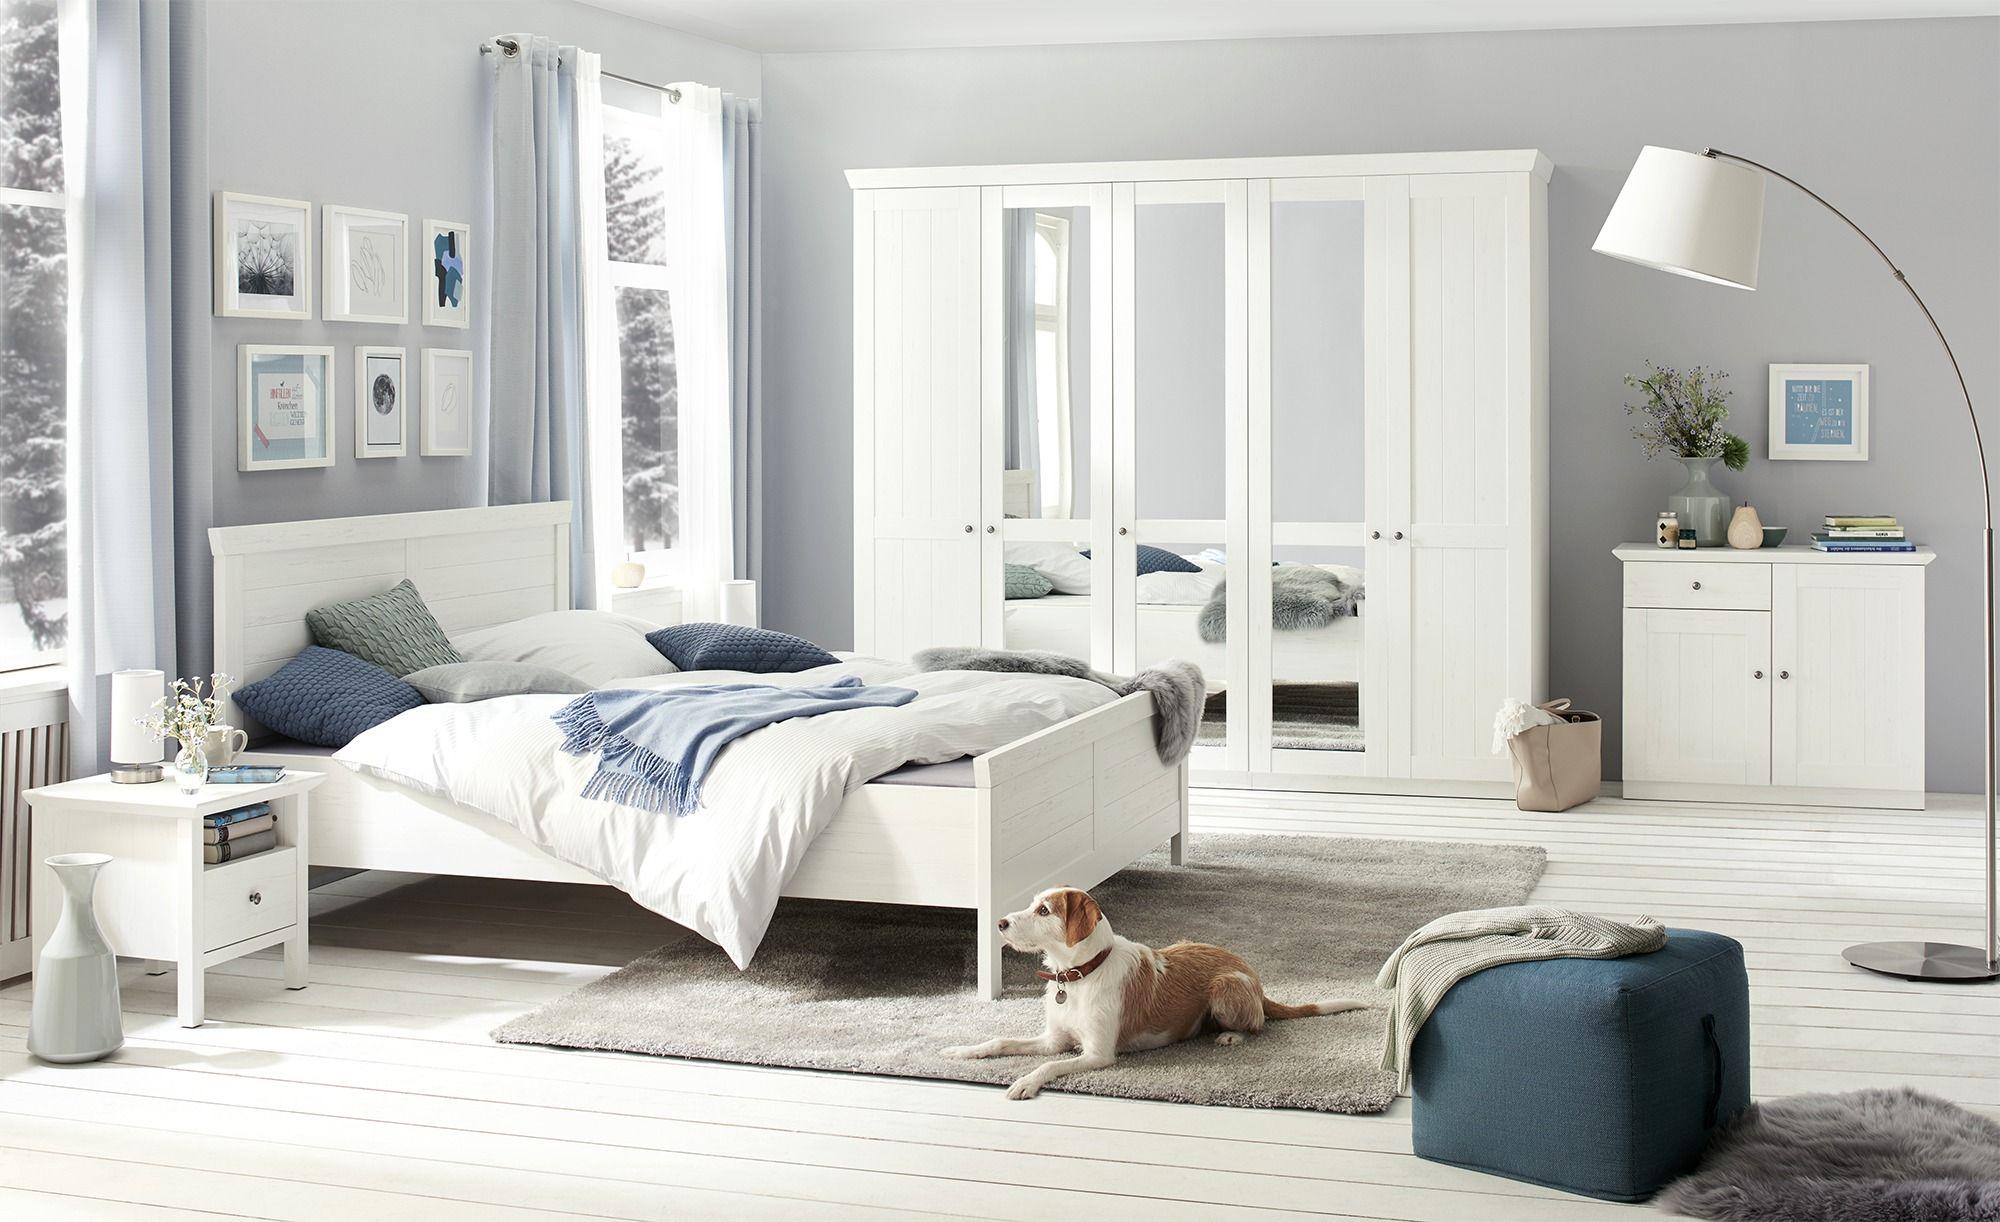 Uno Komplett Schlafzimmer 4 Teilig Bellevue Products In